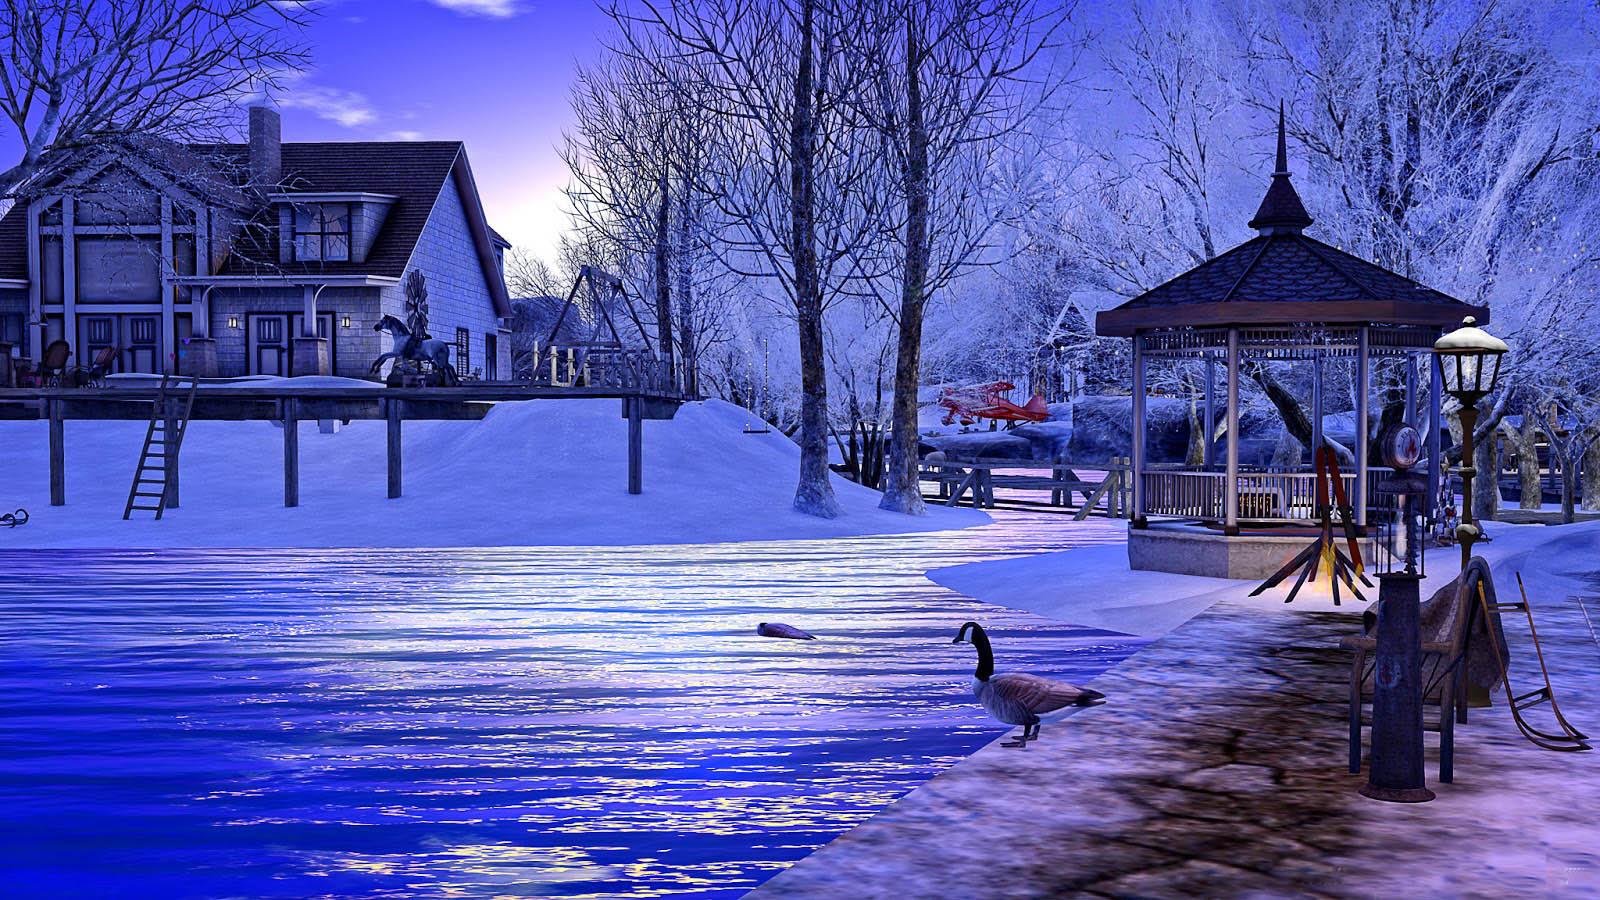 Dicas sl serendipity uma ilha de neve somosferas seja voc gratificante conhecer lugares extraordinariamente lindos com uma paisagem fantstica clima perfeito para romance passeio e cenrio ideal para fotos altavistaventures Images